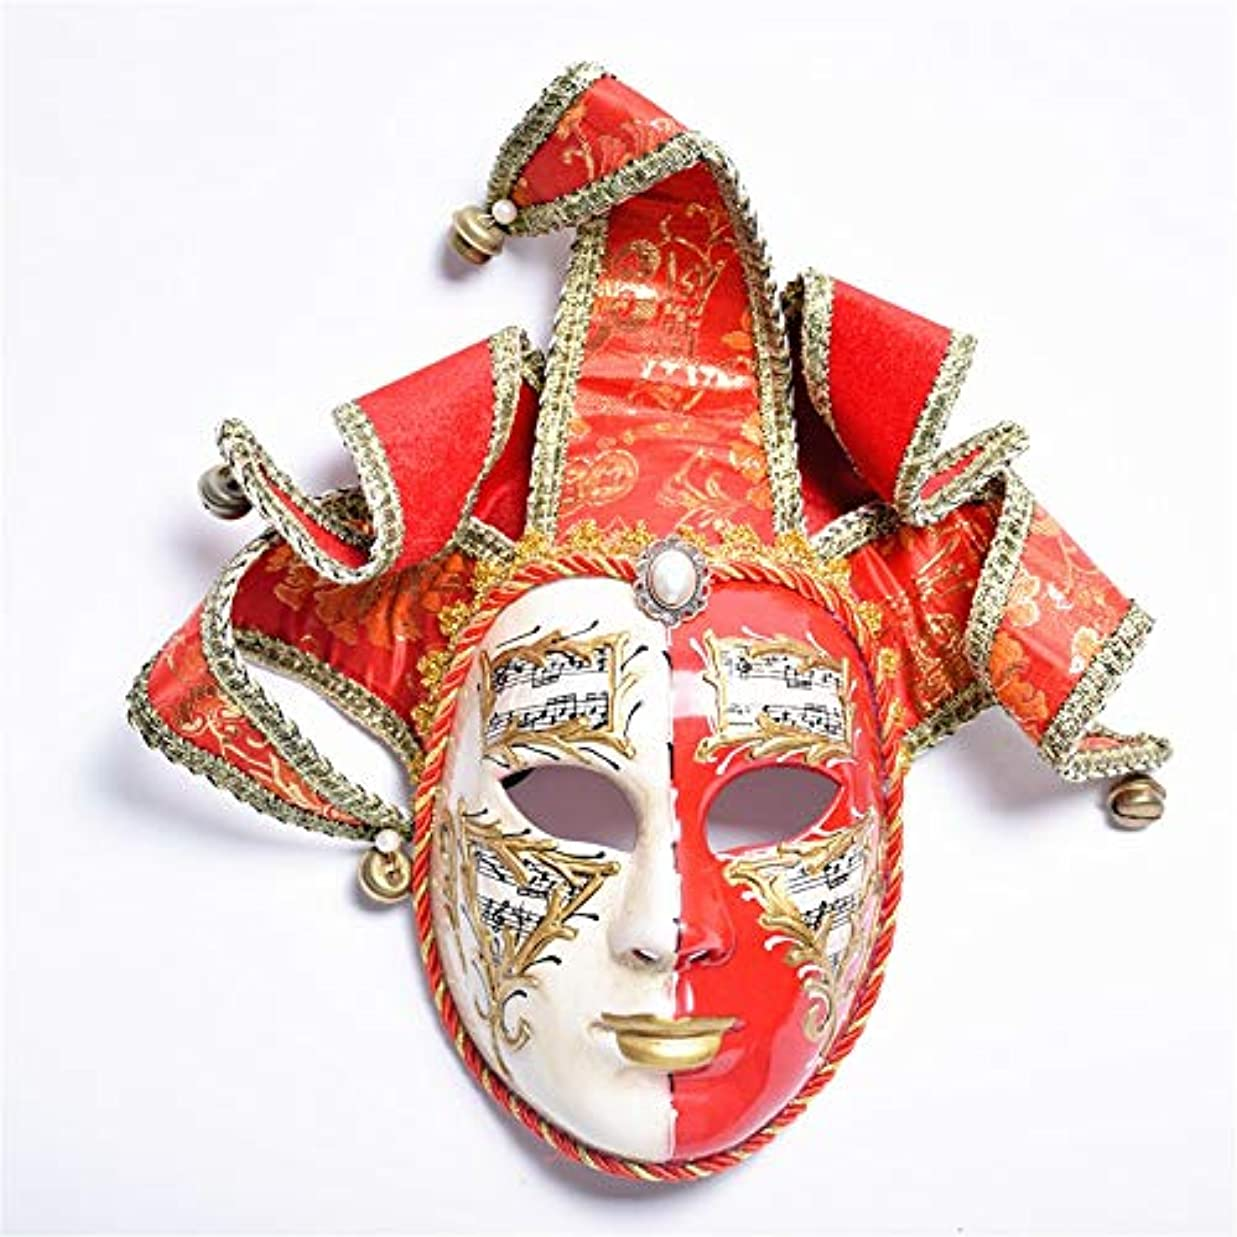 主要なインポートナンセンスダンスマスク レッドゴールドマスク女性仮装パーティーナイトクラブロールプレイング装飾プラスチックマスク ホリデーパーティー用品 (色 : Red+Gold, サイズ : 33x31cm)